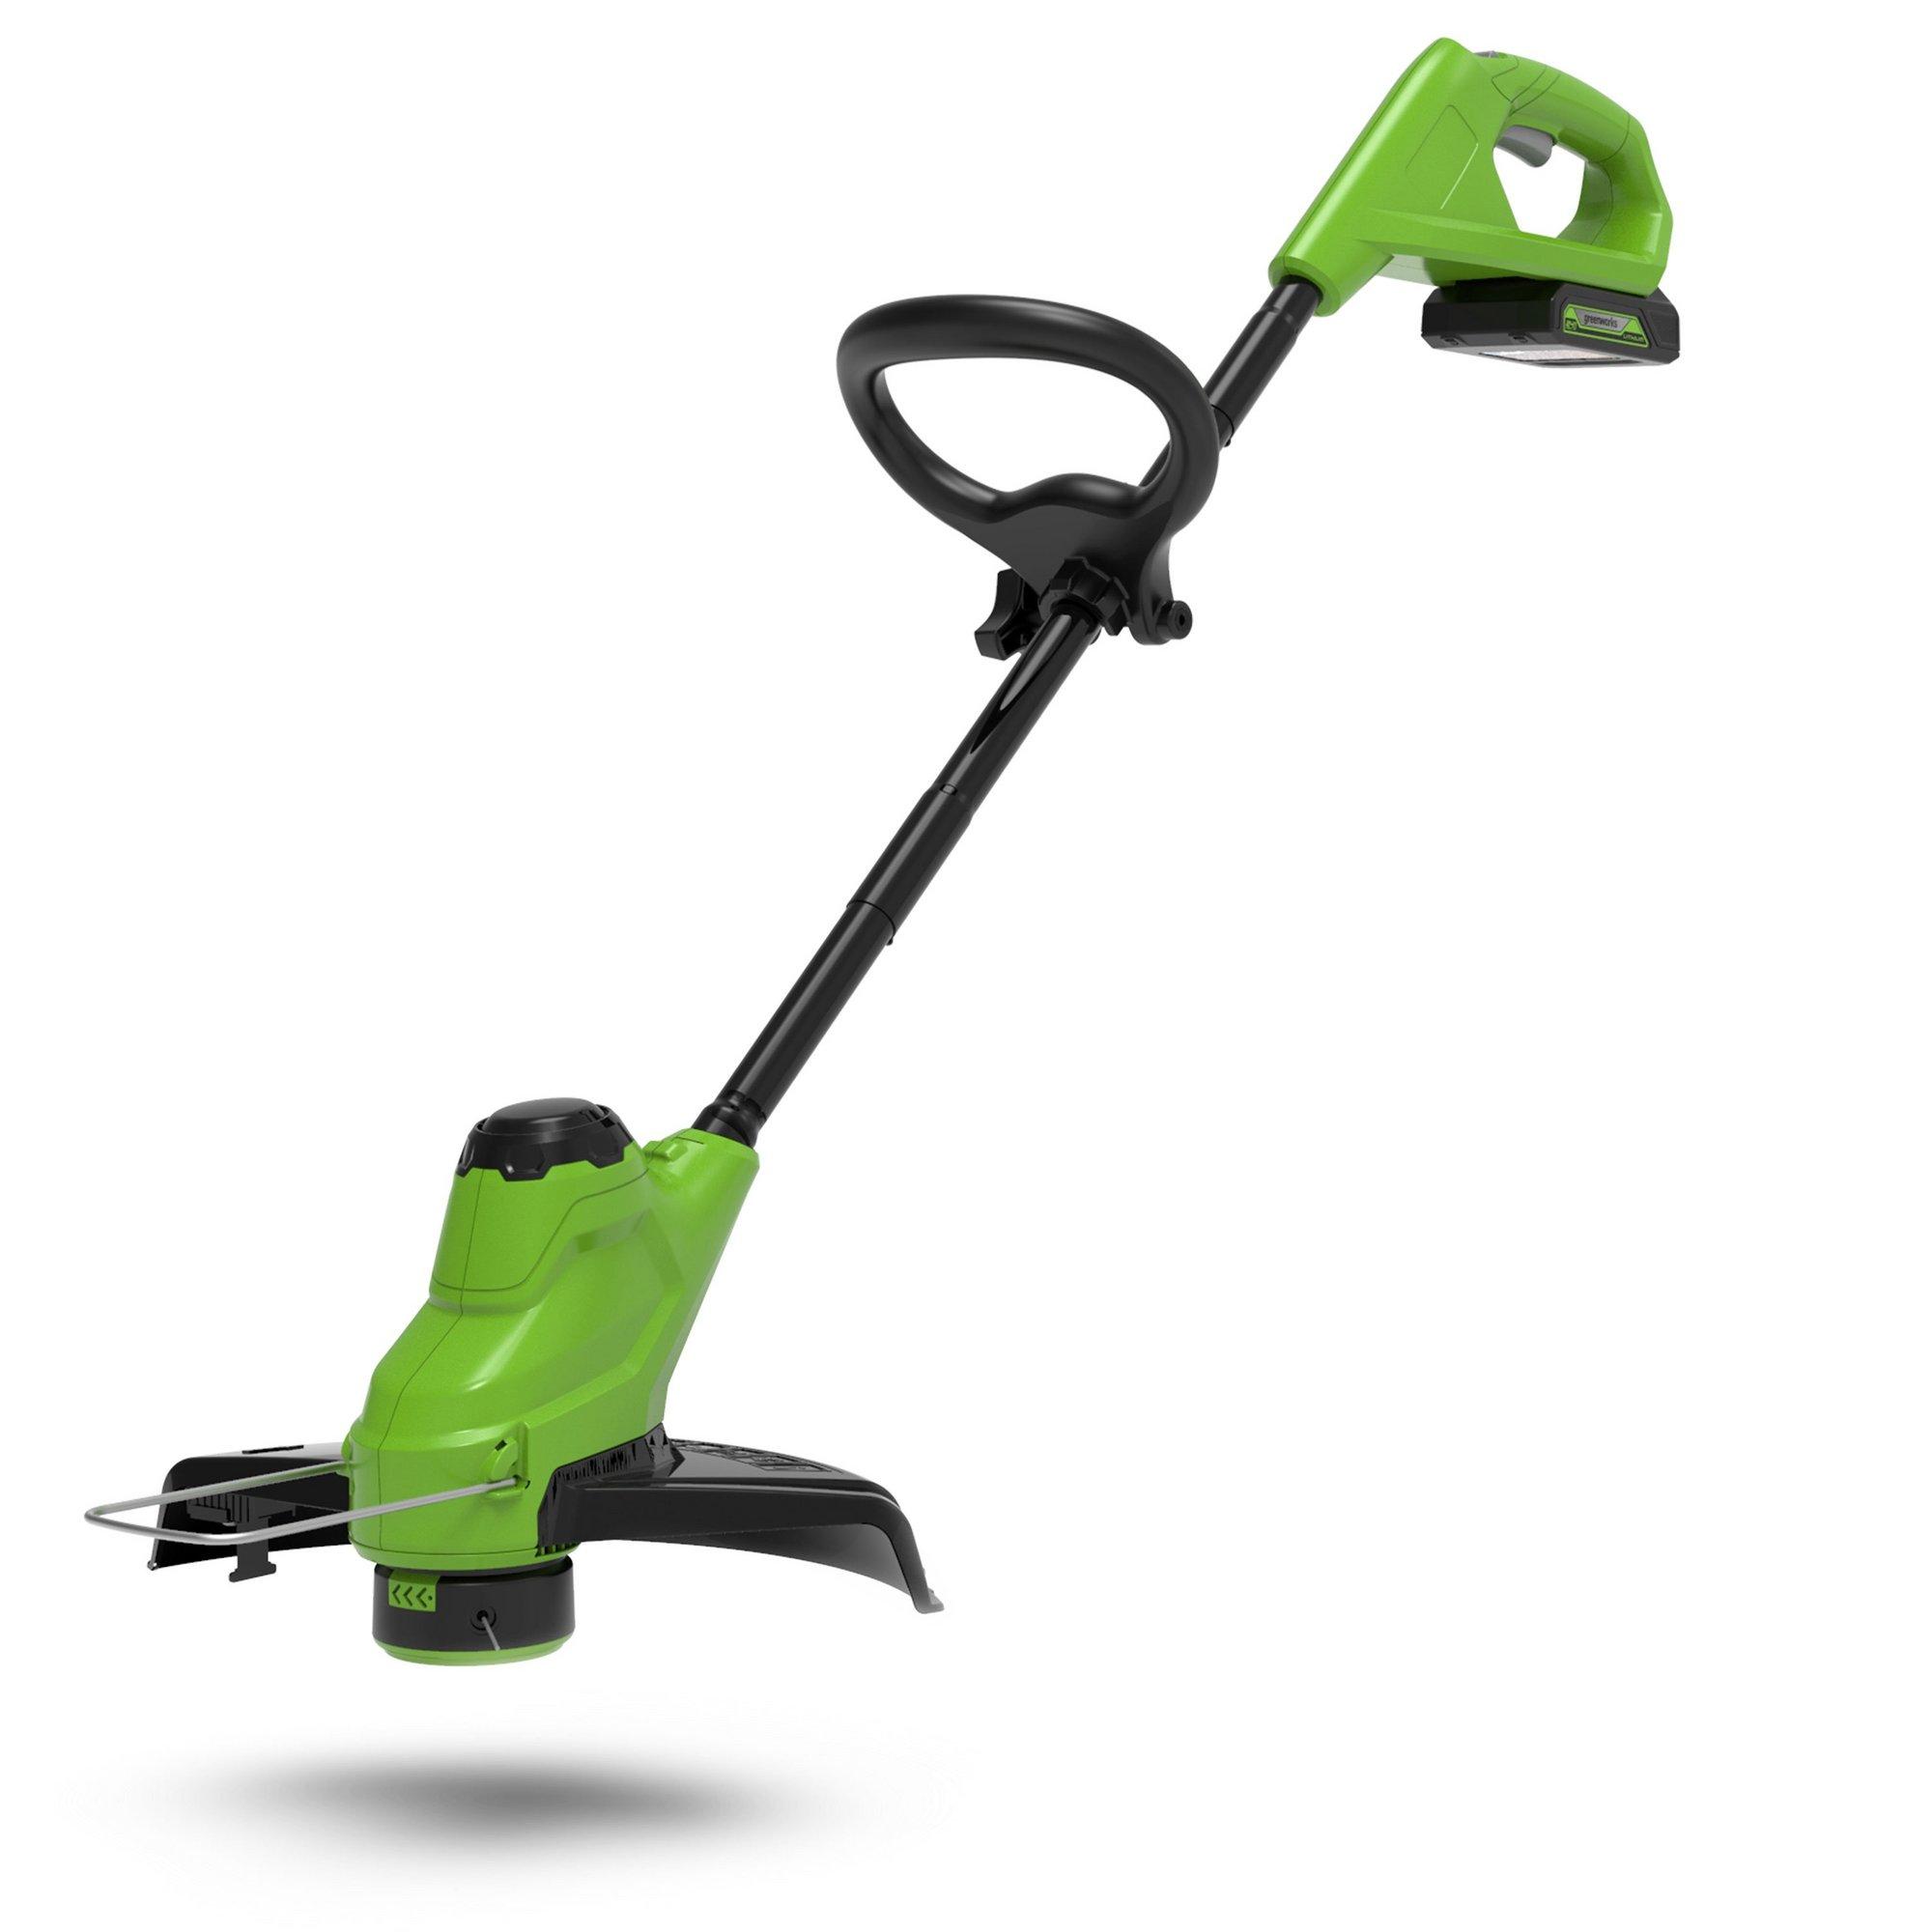 Image of Greenworks 24v Cordless 23cm Line Trimmer